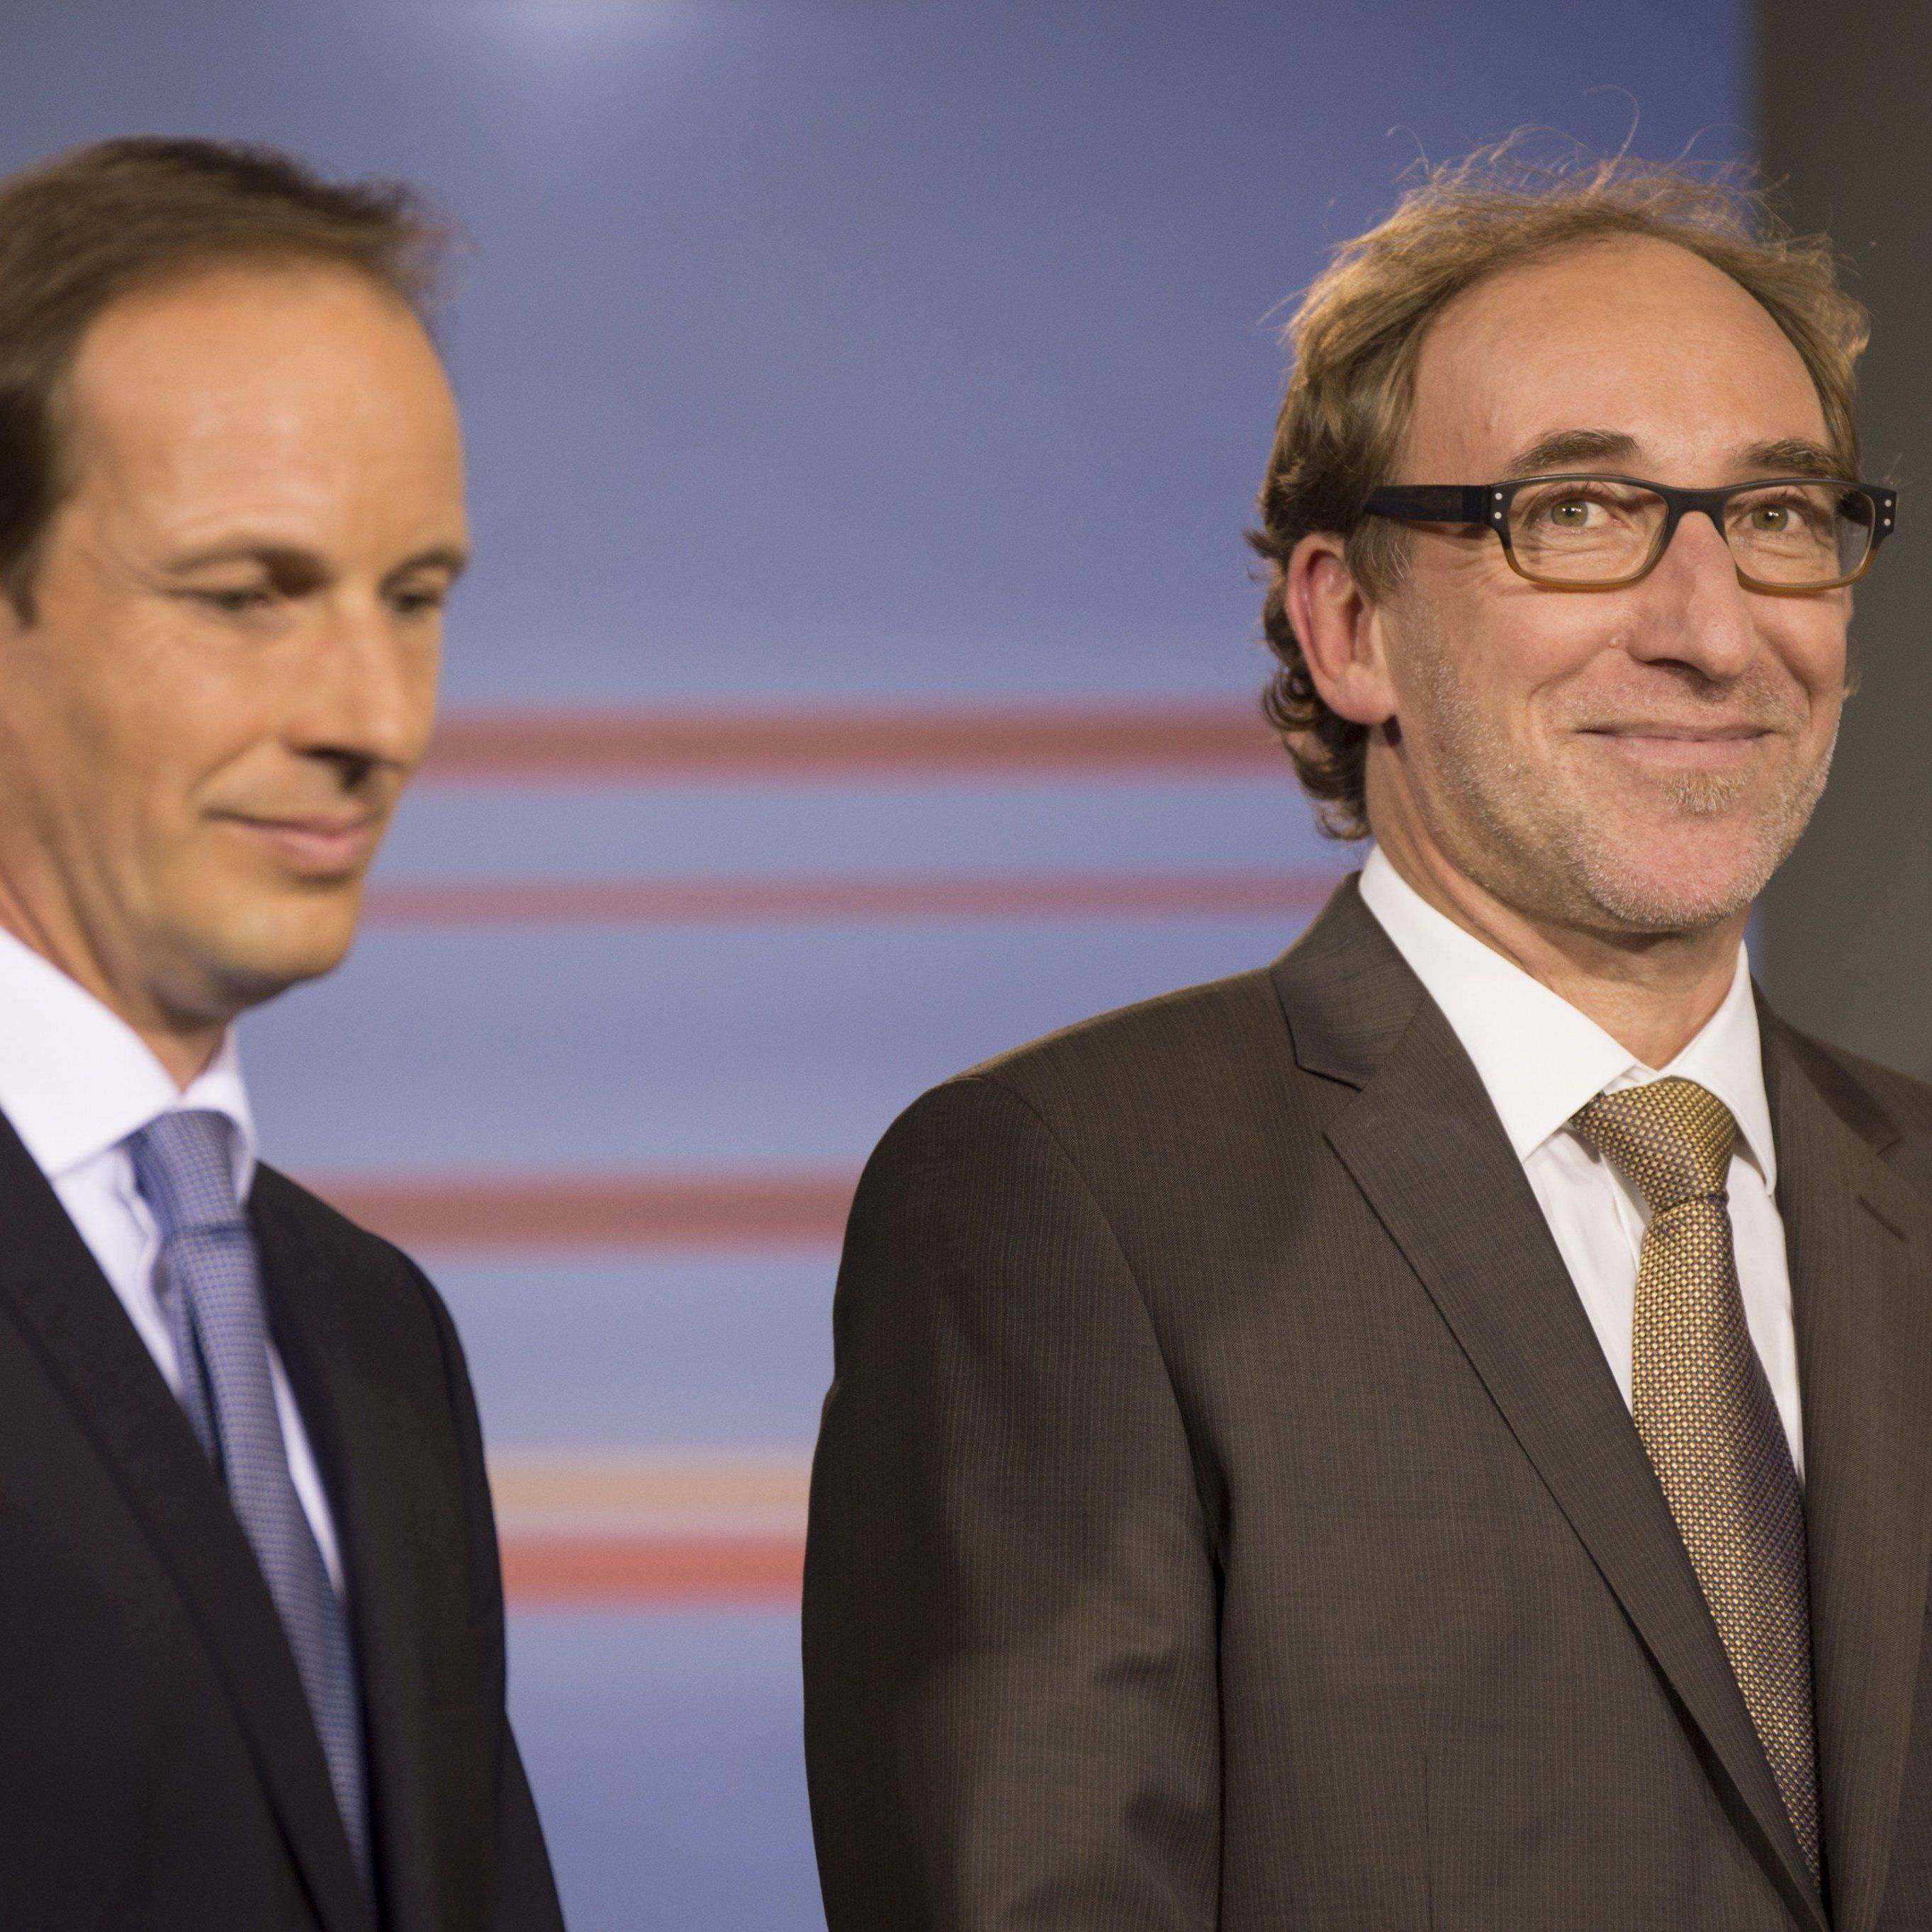 Dieter Egger oder Johannes Rauch - wen holt LH Wallner in die Regierung?